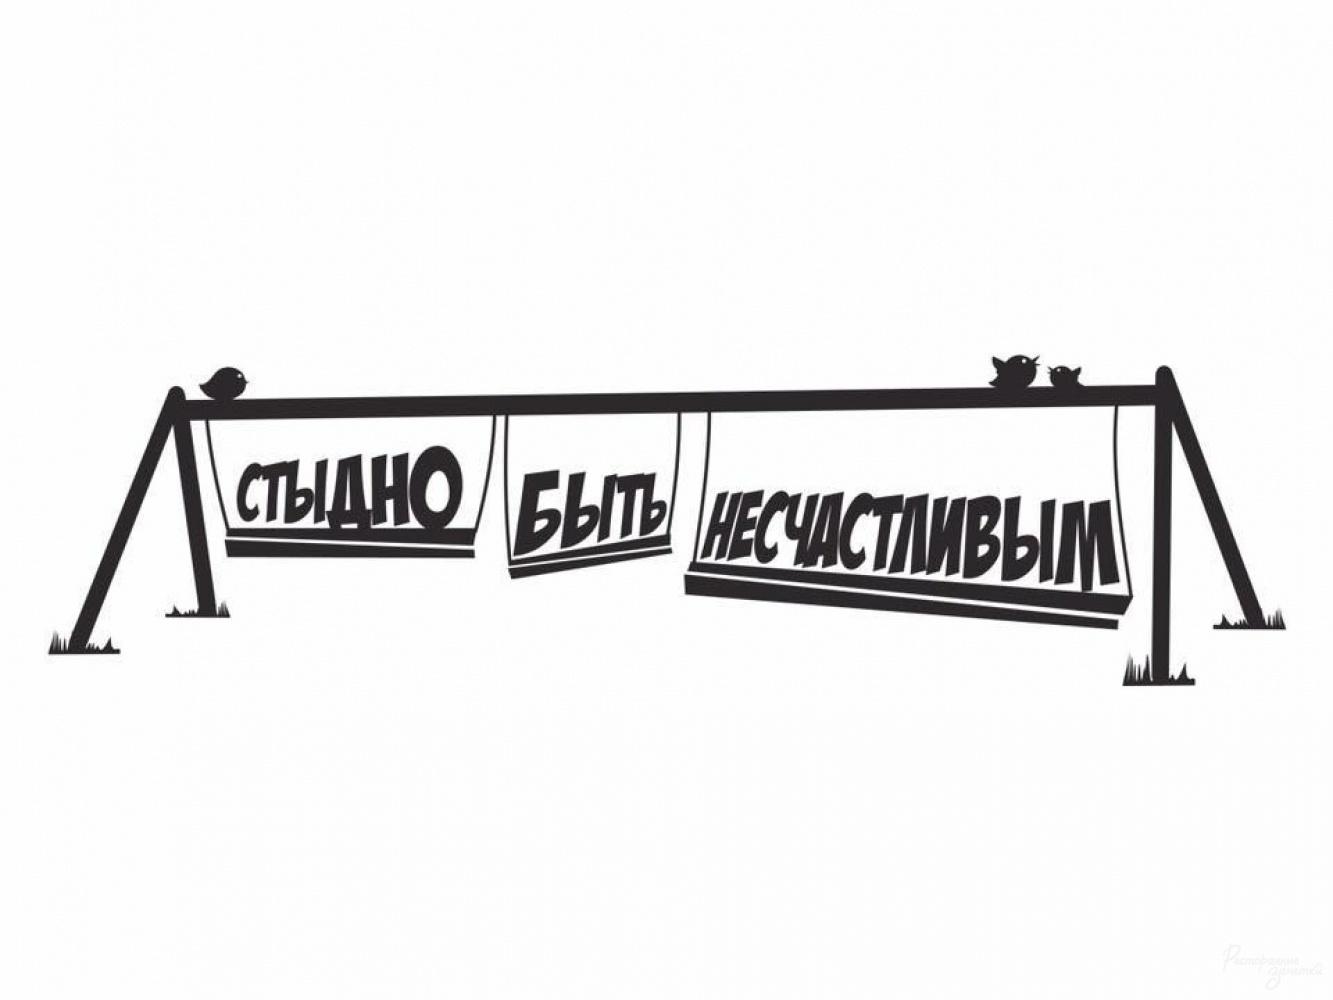 Ресторан Стыдно быть несчастливым, Харьков